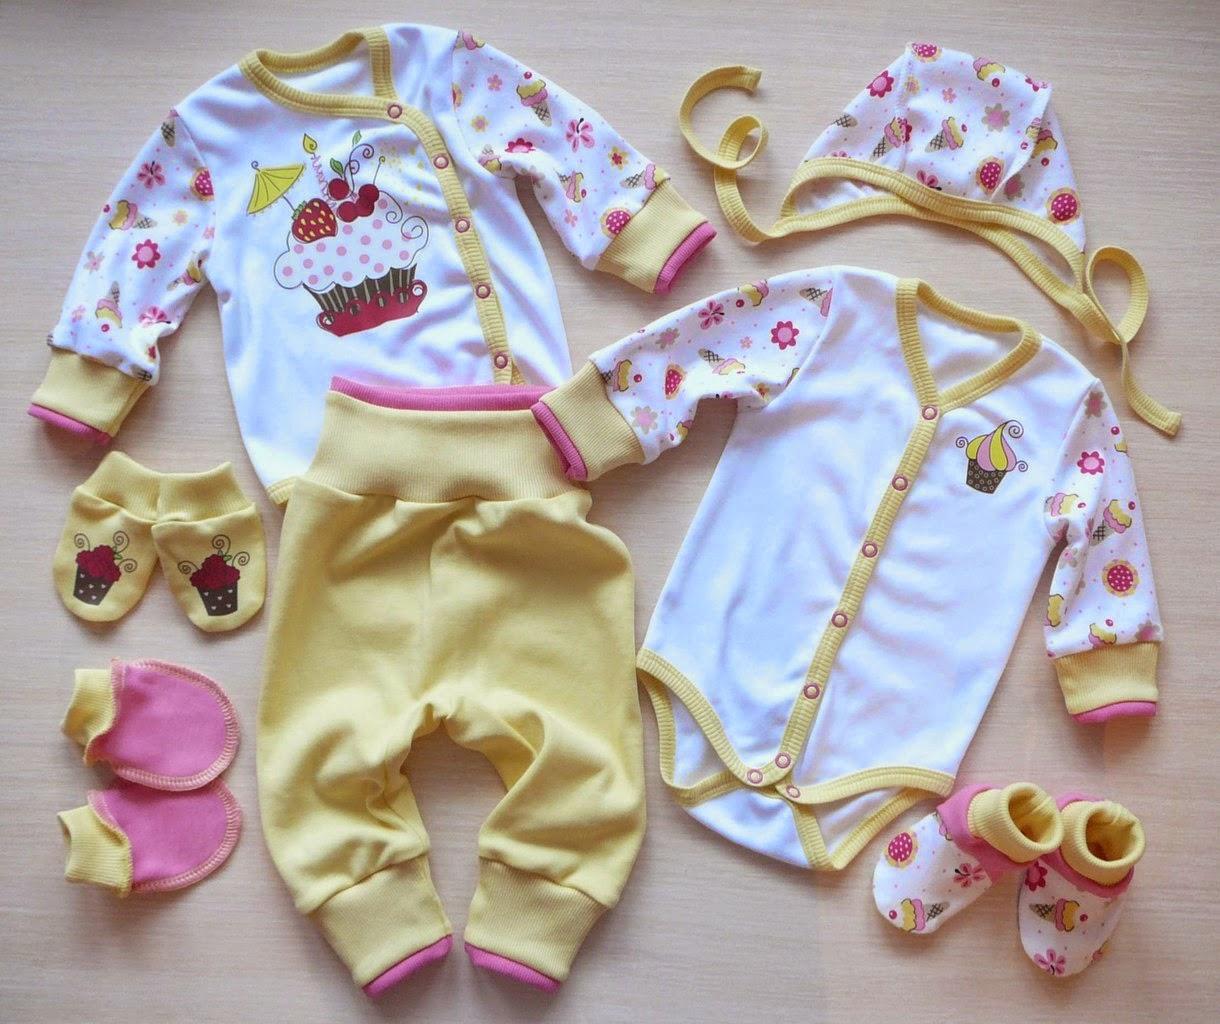 f00745688 اليك احدث موديلات ملابس وازياء اطفال رائعه وبالوان جميلة وجذابة تناسب  الاطفال الرضع .